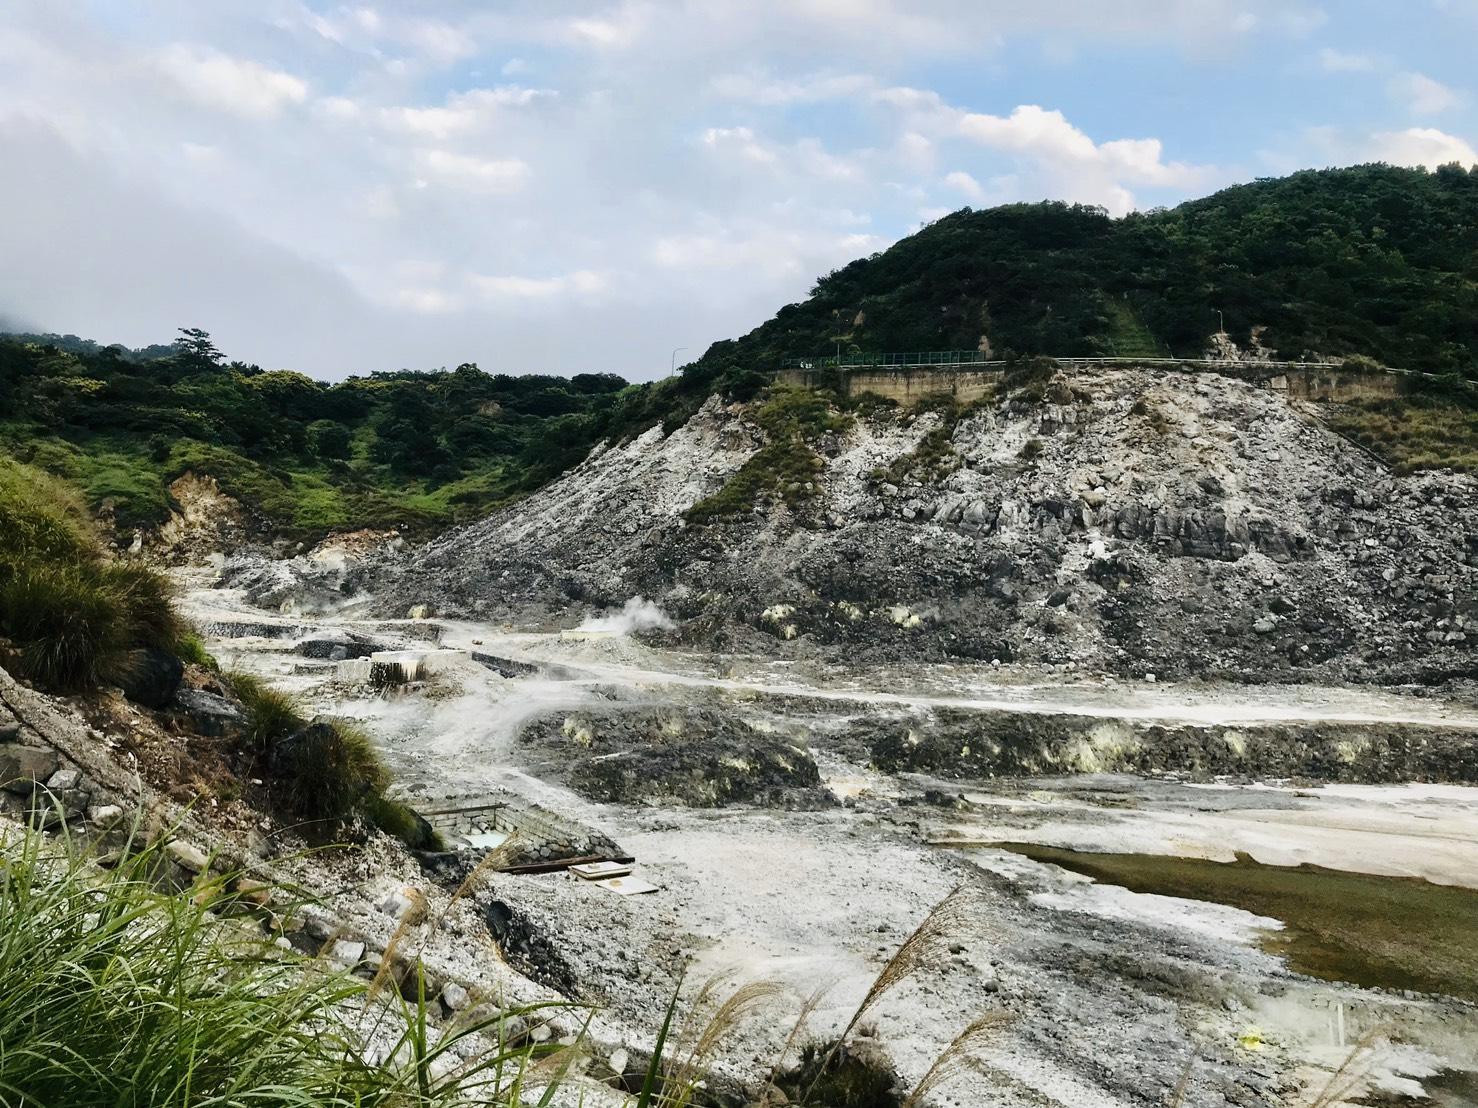 社子島、北投自然景觀多元,在優美山水的相伴中,度過遠離喧囂又愜意歡愉的美好假期。圖/W編